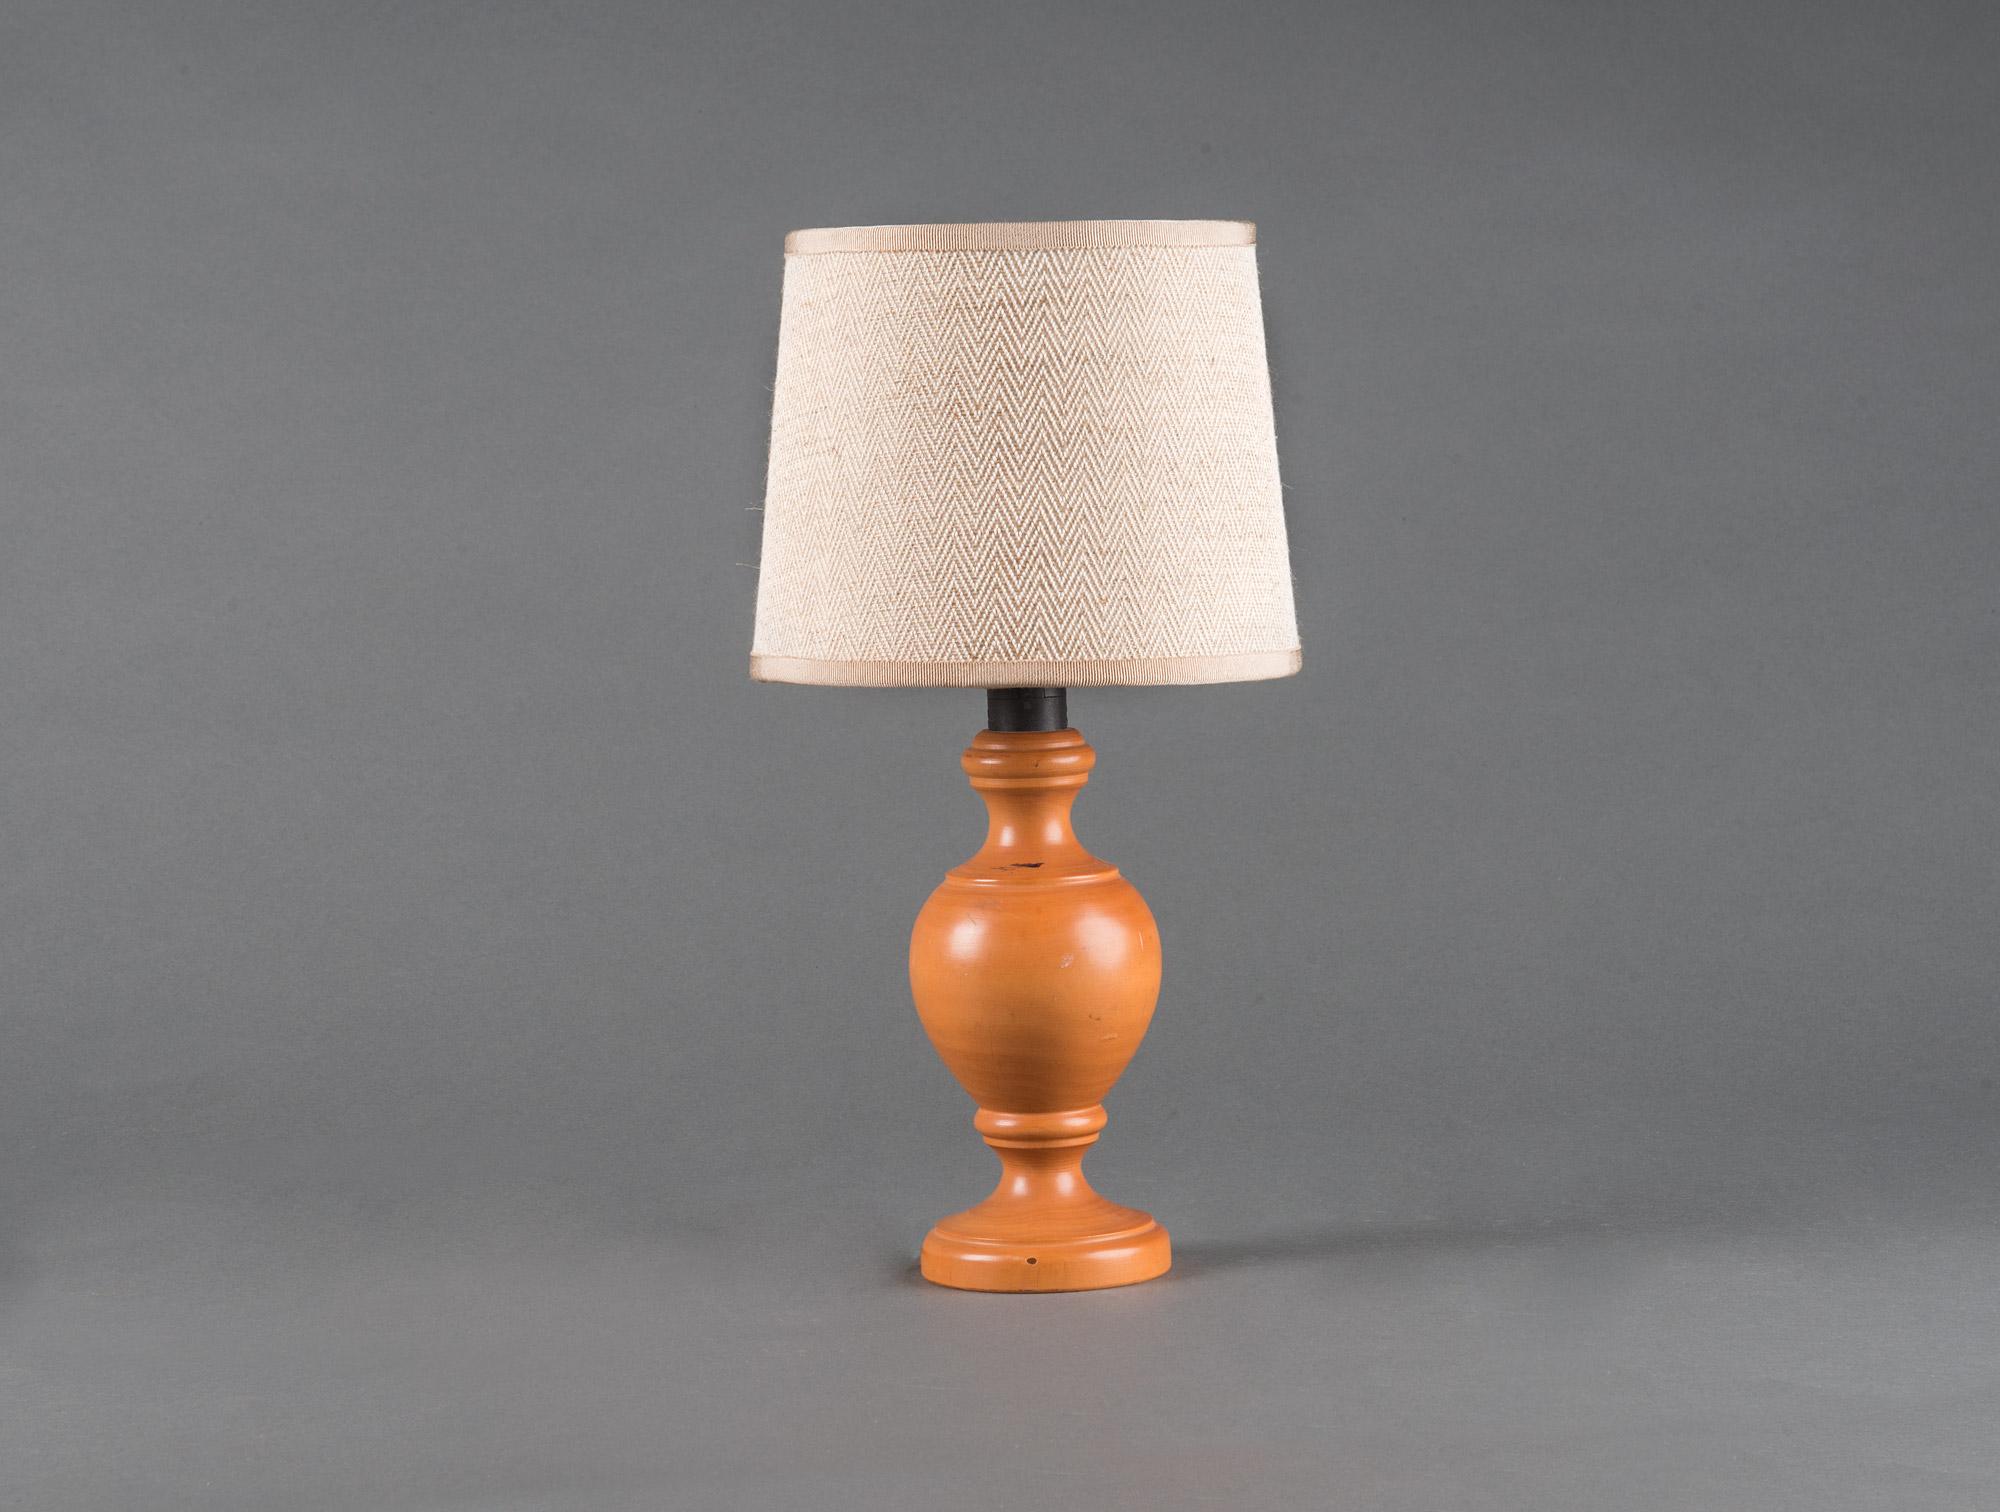 7 Lampes De Chevet En Bois Tourne Soubrier Louer Luminaires Lampe